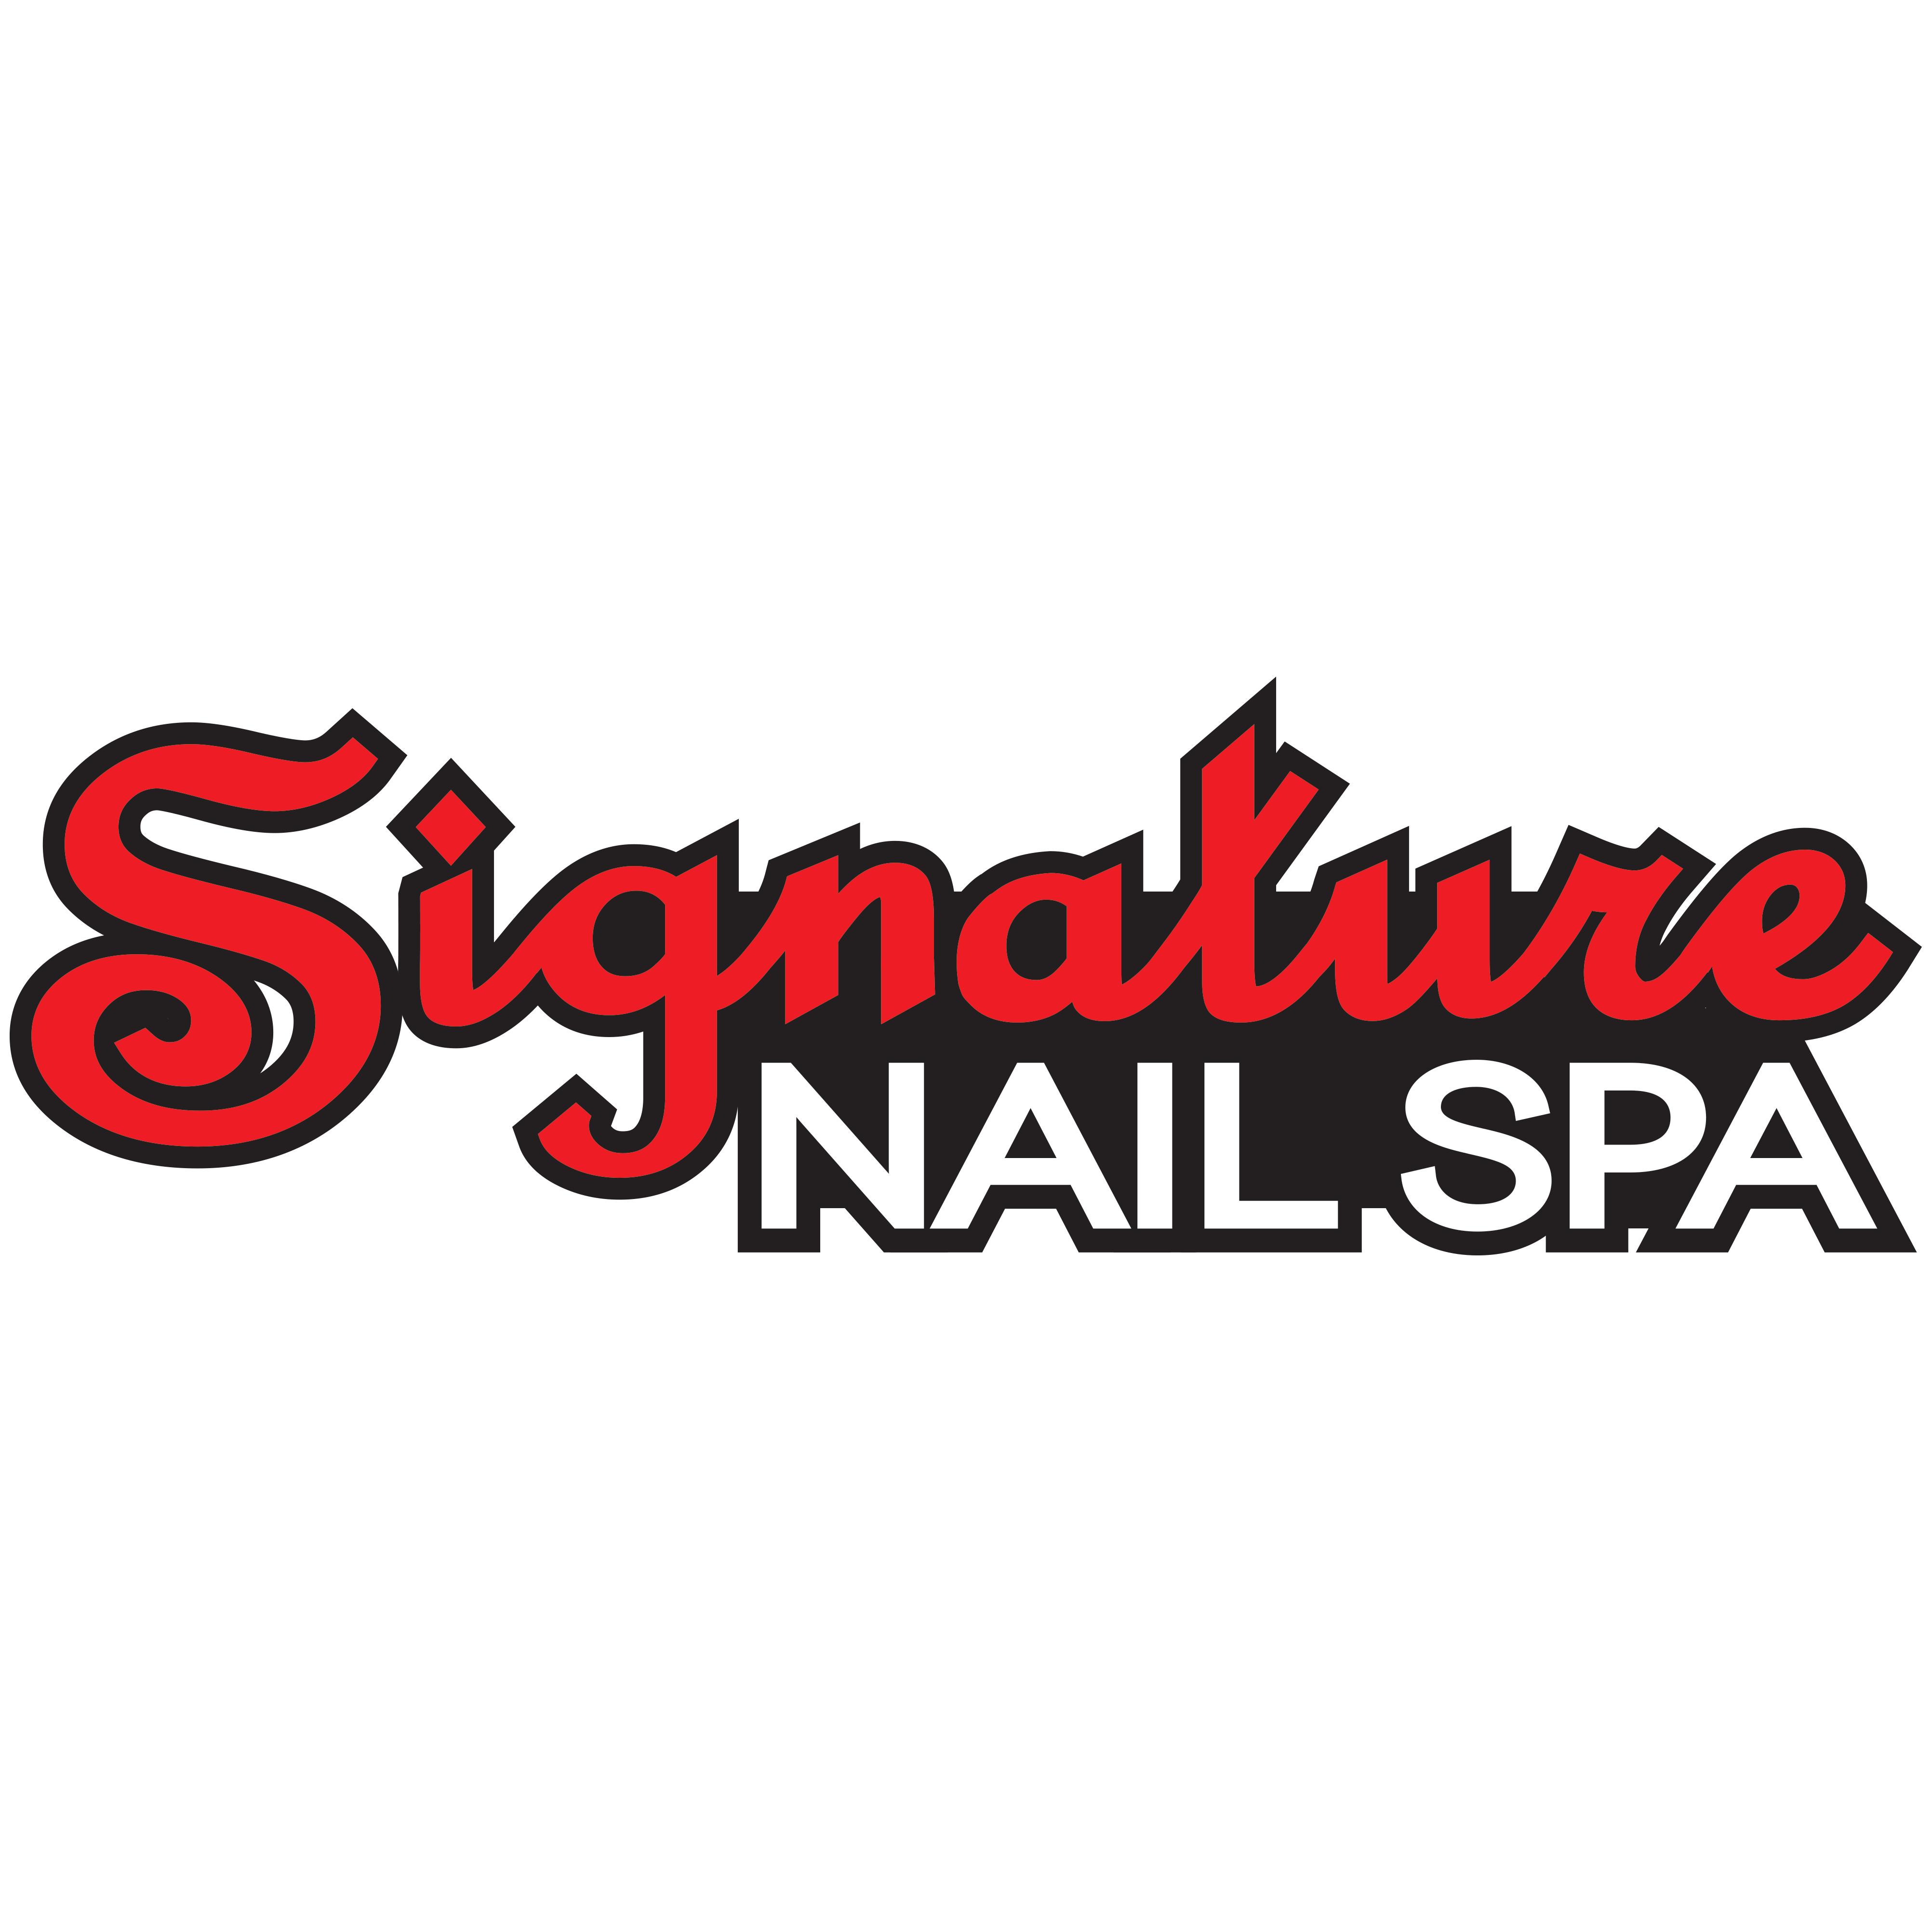 Signature Nail Spa